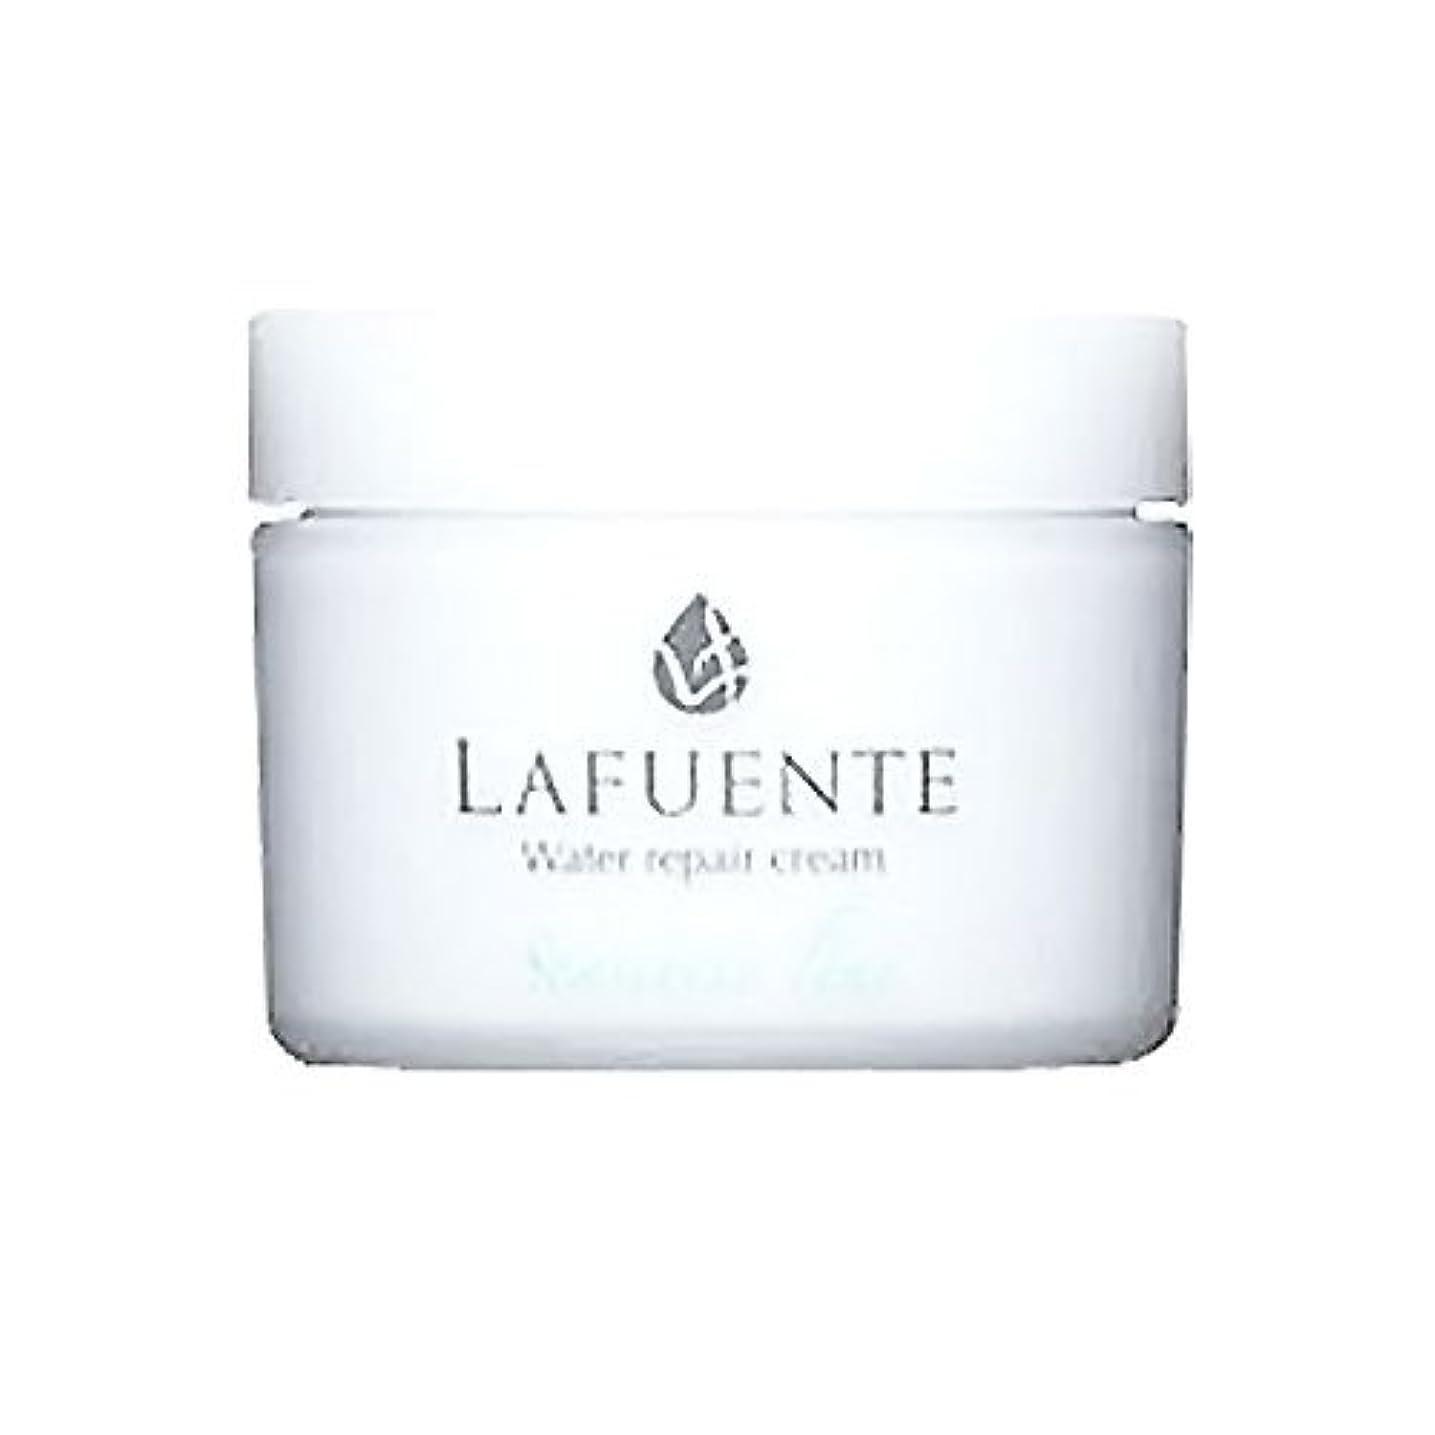 セーターアッティカス援助するLAFUNTE (ラファンテ) ウォーターリペアクリーム 50g